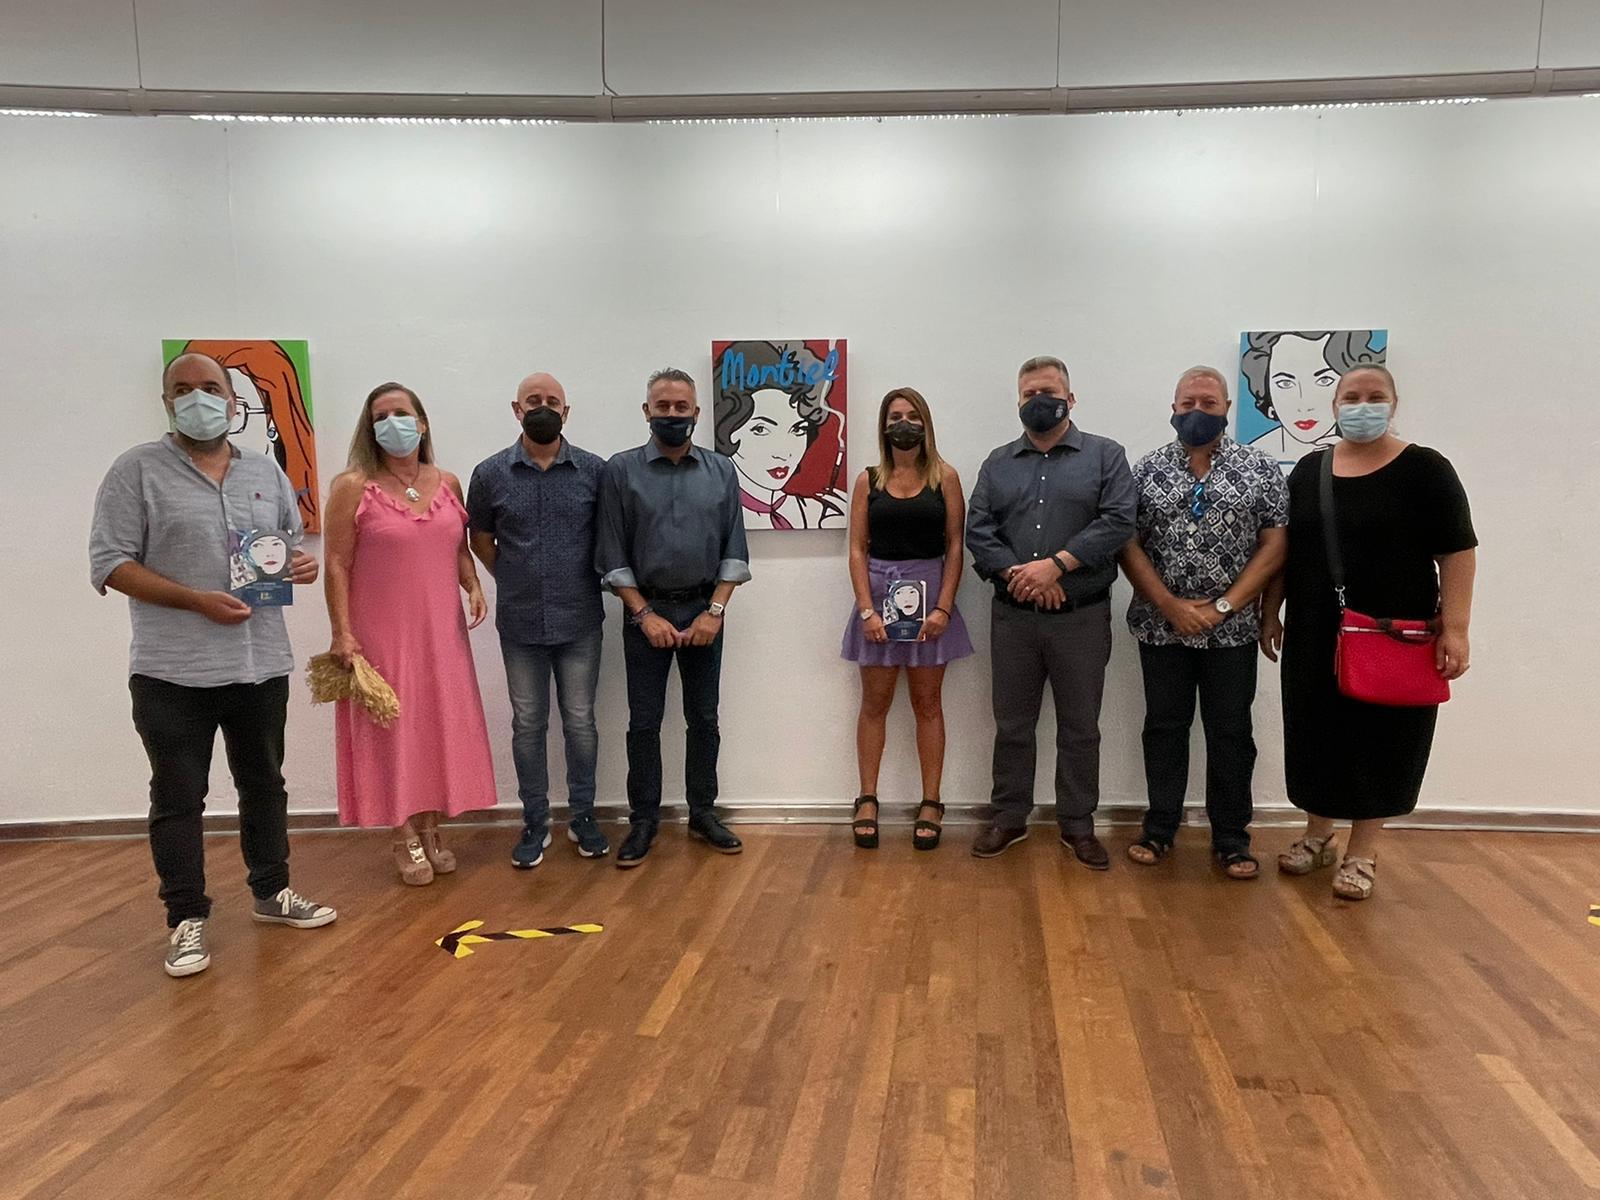 El artista Curro Tobarra expone en su pueblo, Isla Cristina